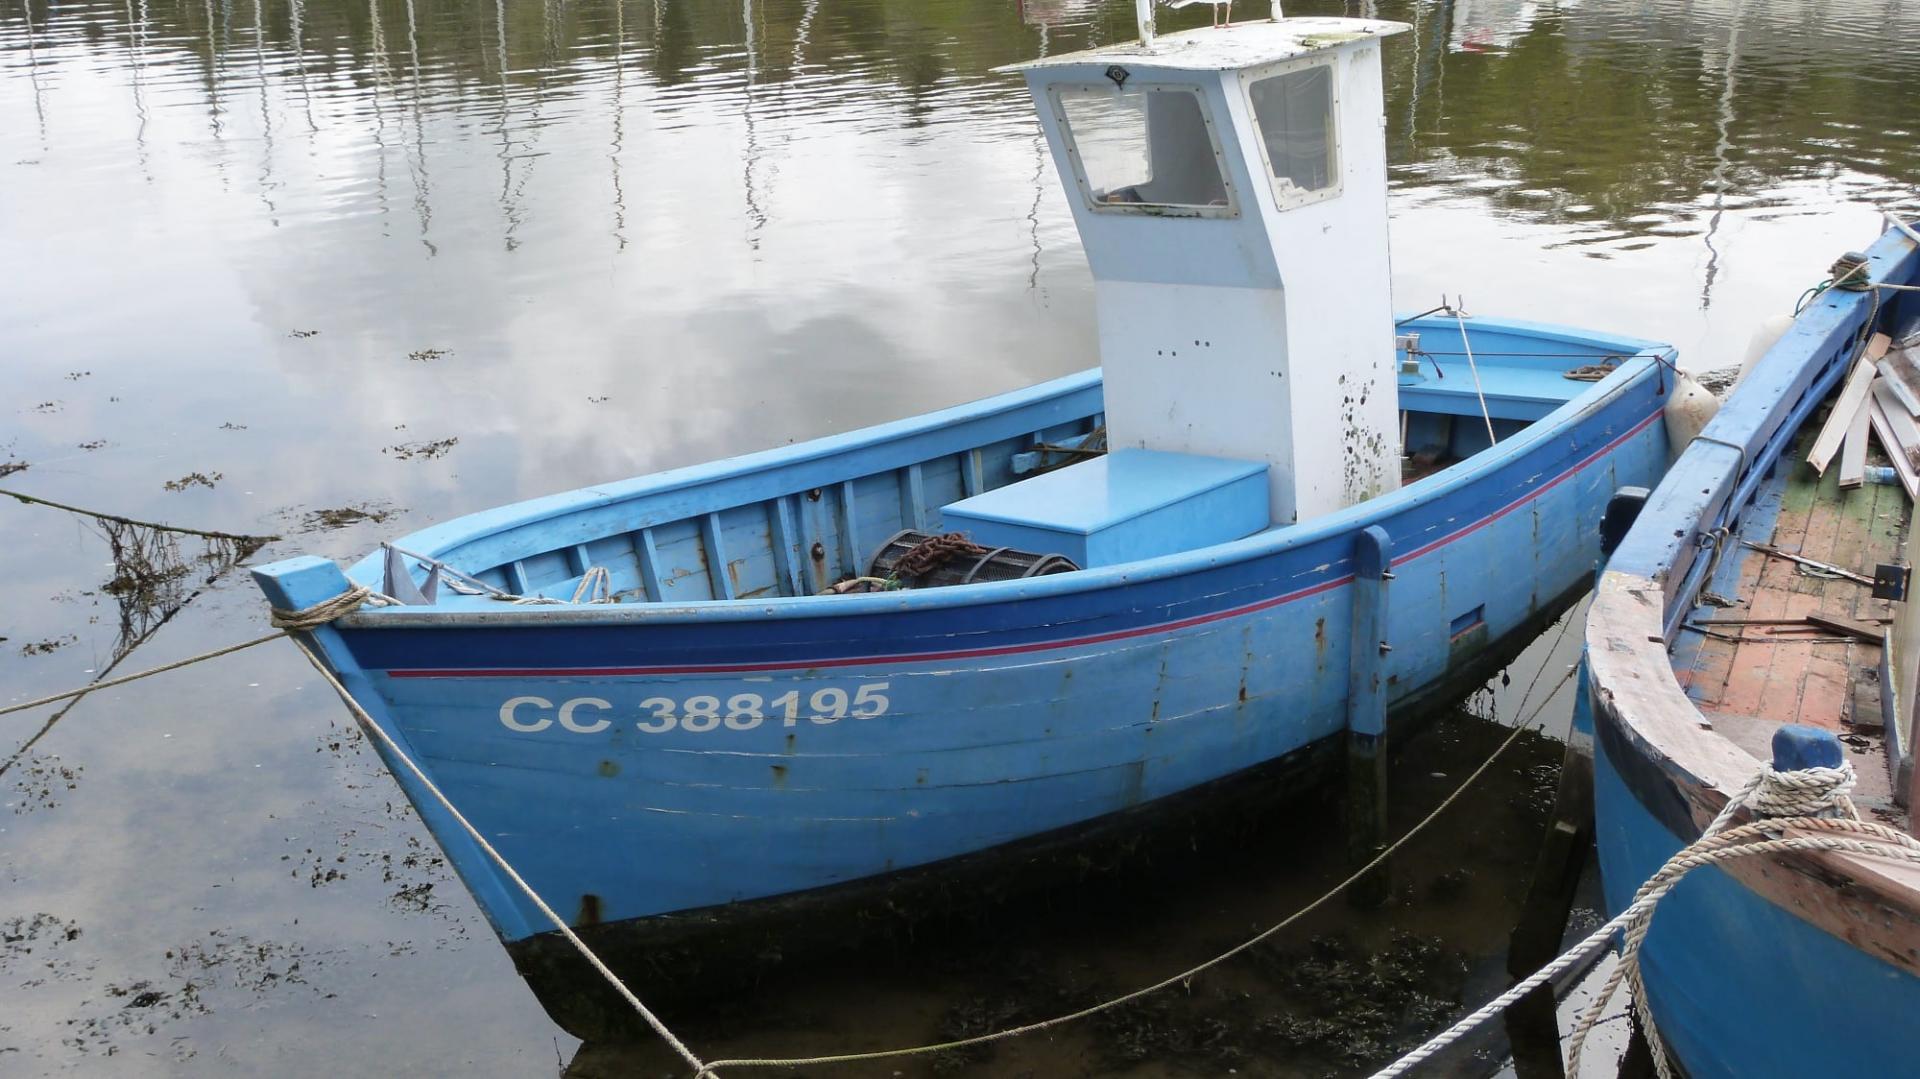 Cc388195 fabrice roperch